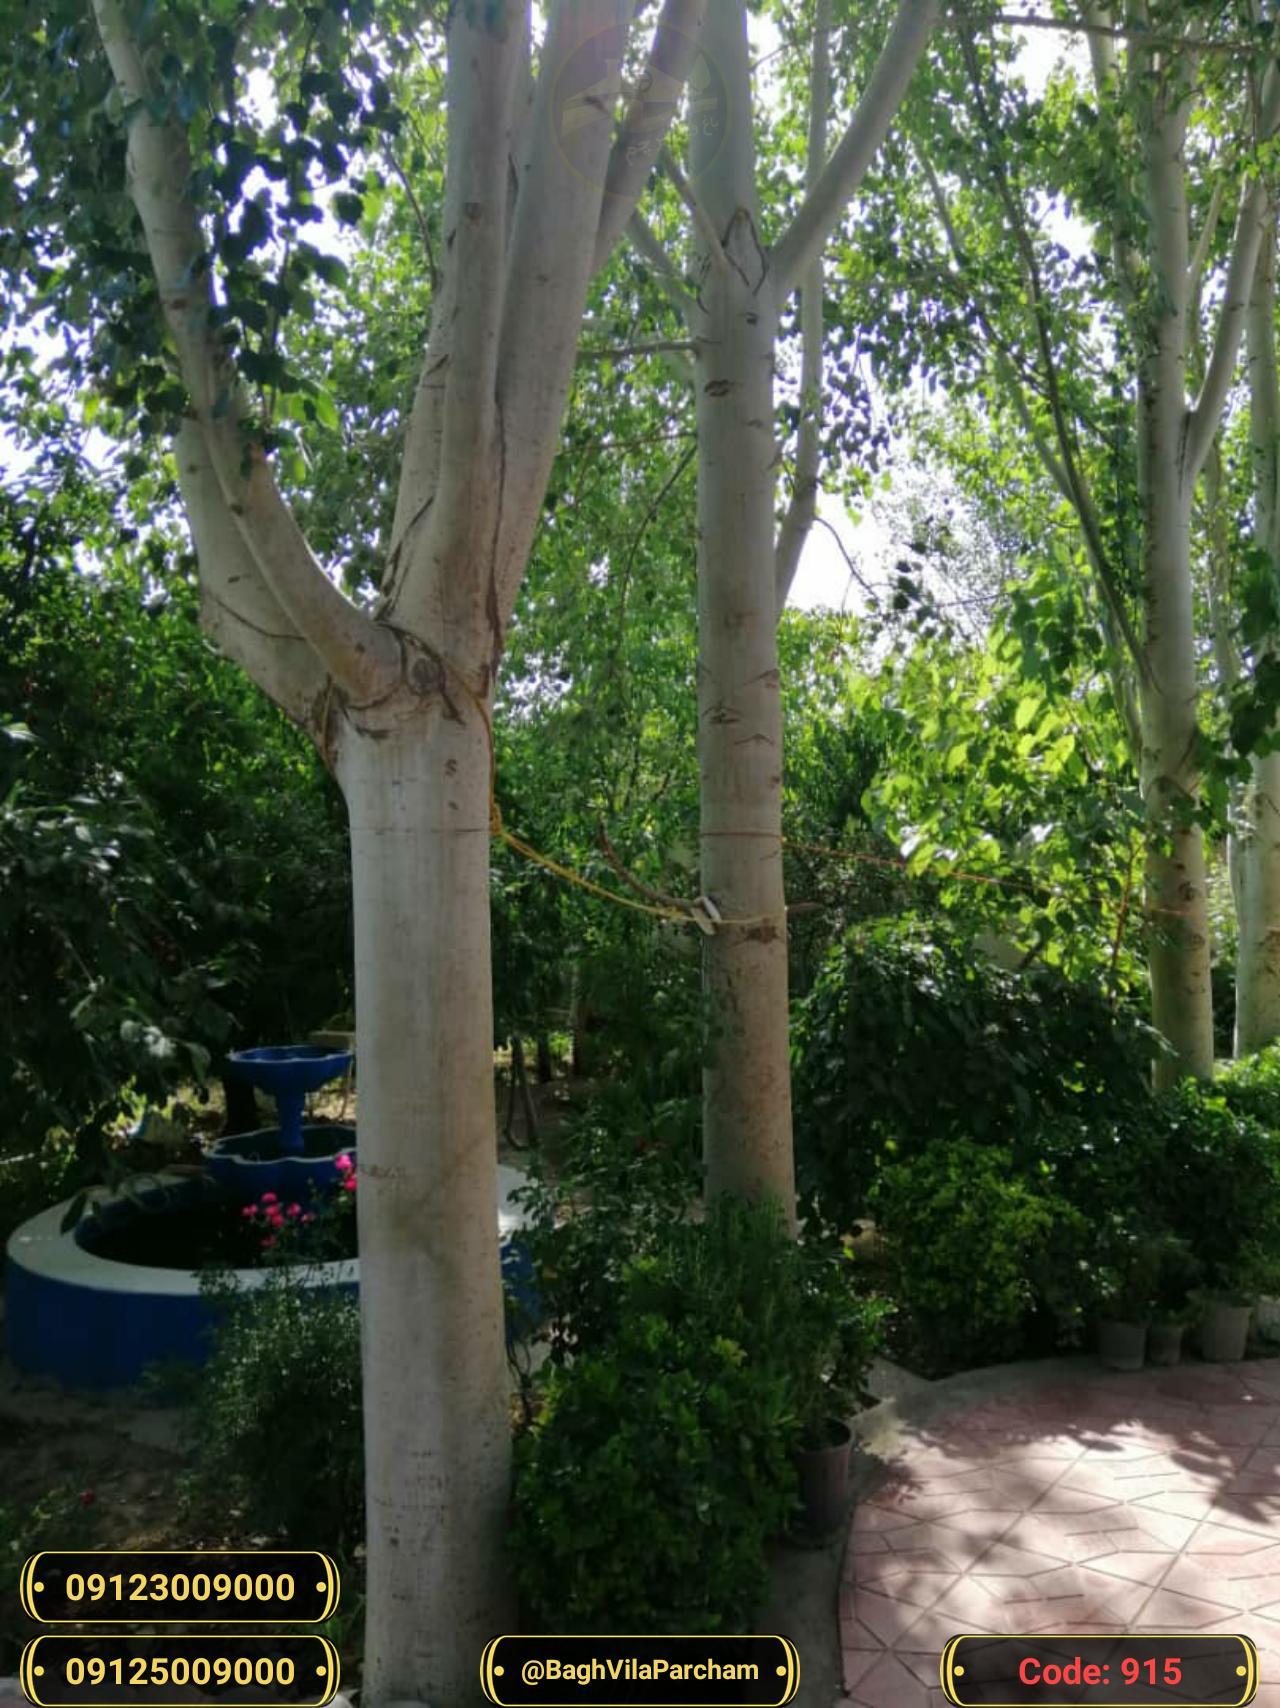 تصویر عکس باغ ویلا شماره 31 از ویلای ۵۶۵۰ متر ویلا کلاسیک تریبلکس Picture photo image 31 of ۵۶۵۰ متر ویلا کلاسیک تریبلکس